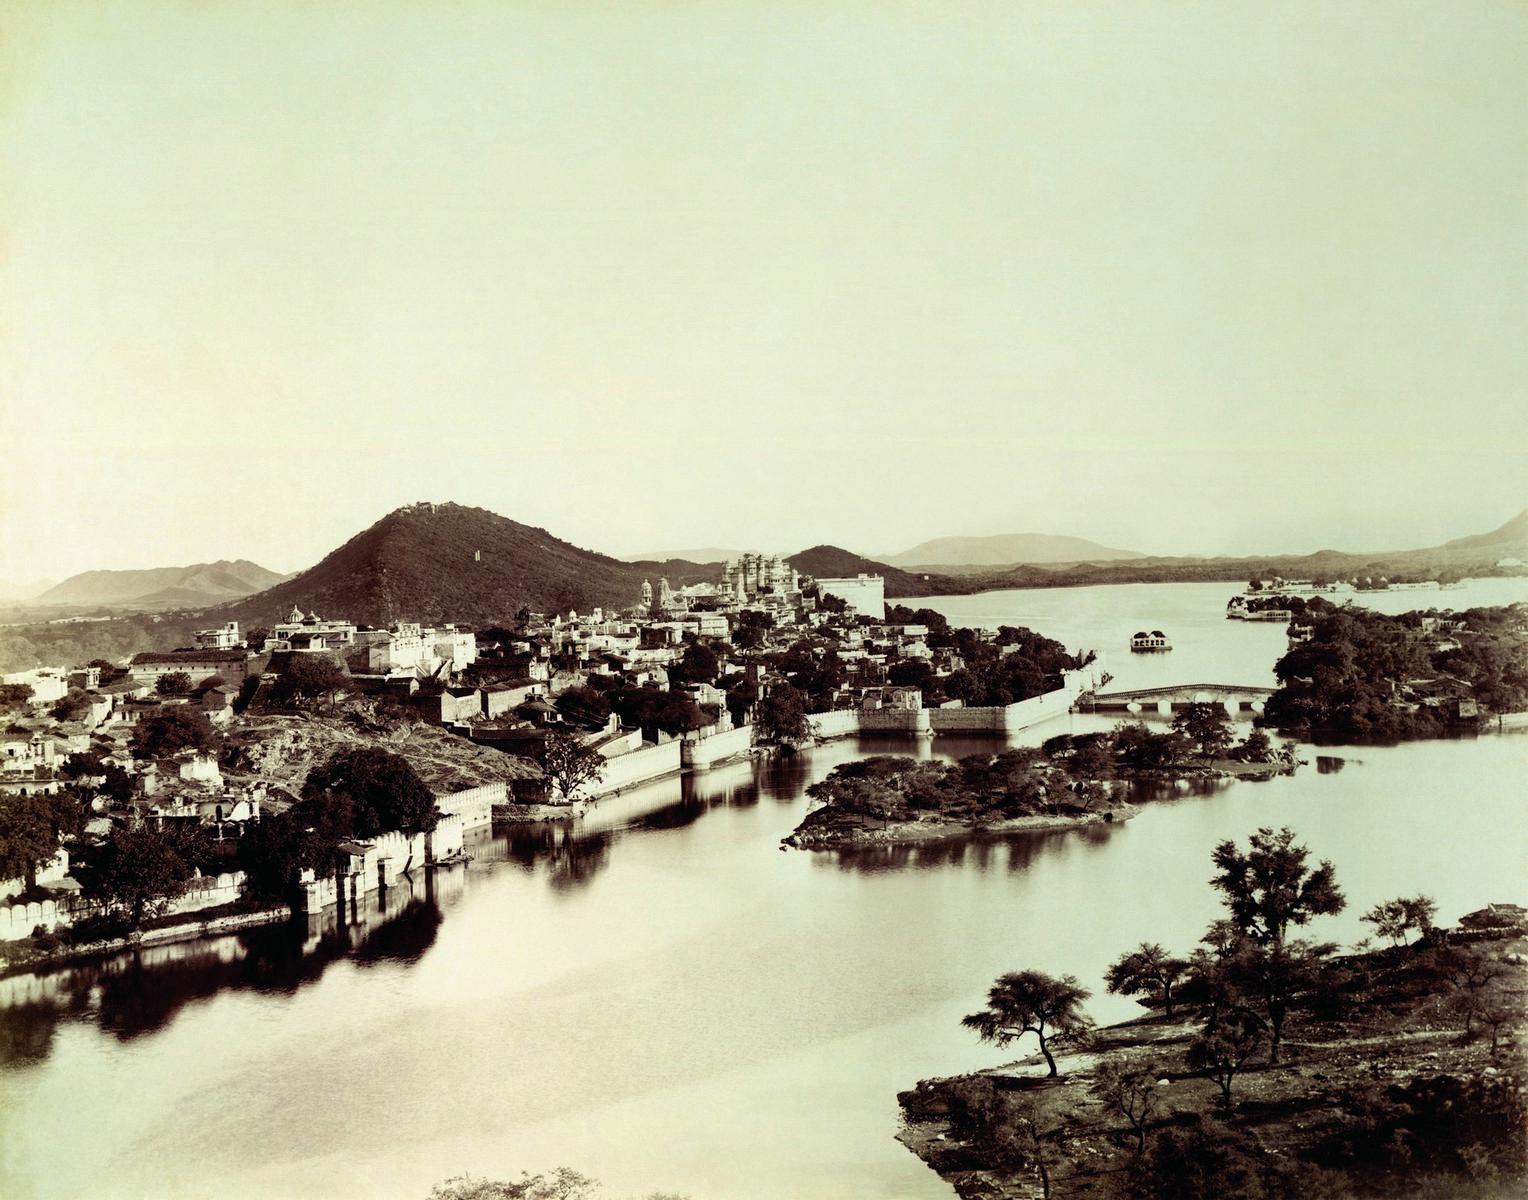 Udaipur city from Swaroop Sagar